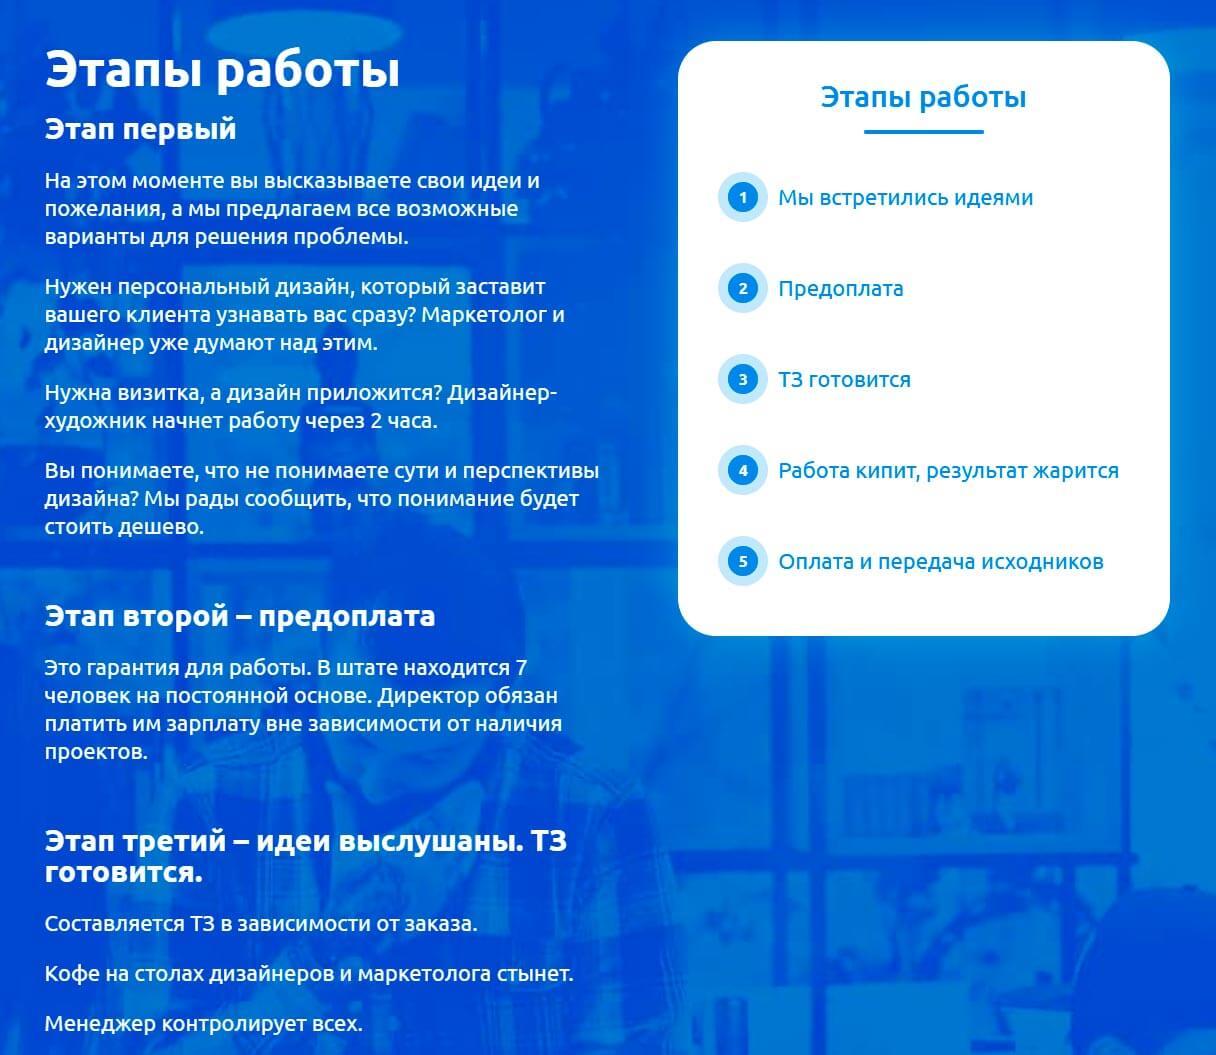 Логомания - обзор компании, услуги, отзывы, клиенты, Фото № 2 - google-seo.pro